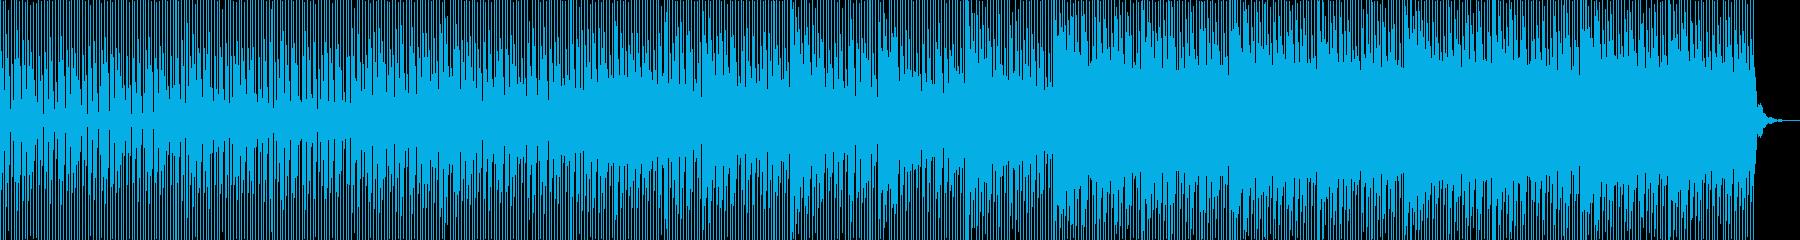 奇妙な雰囲気を感じさせるBGMです。の再生済みの波形